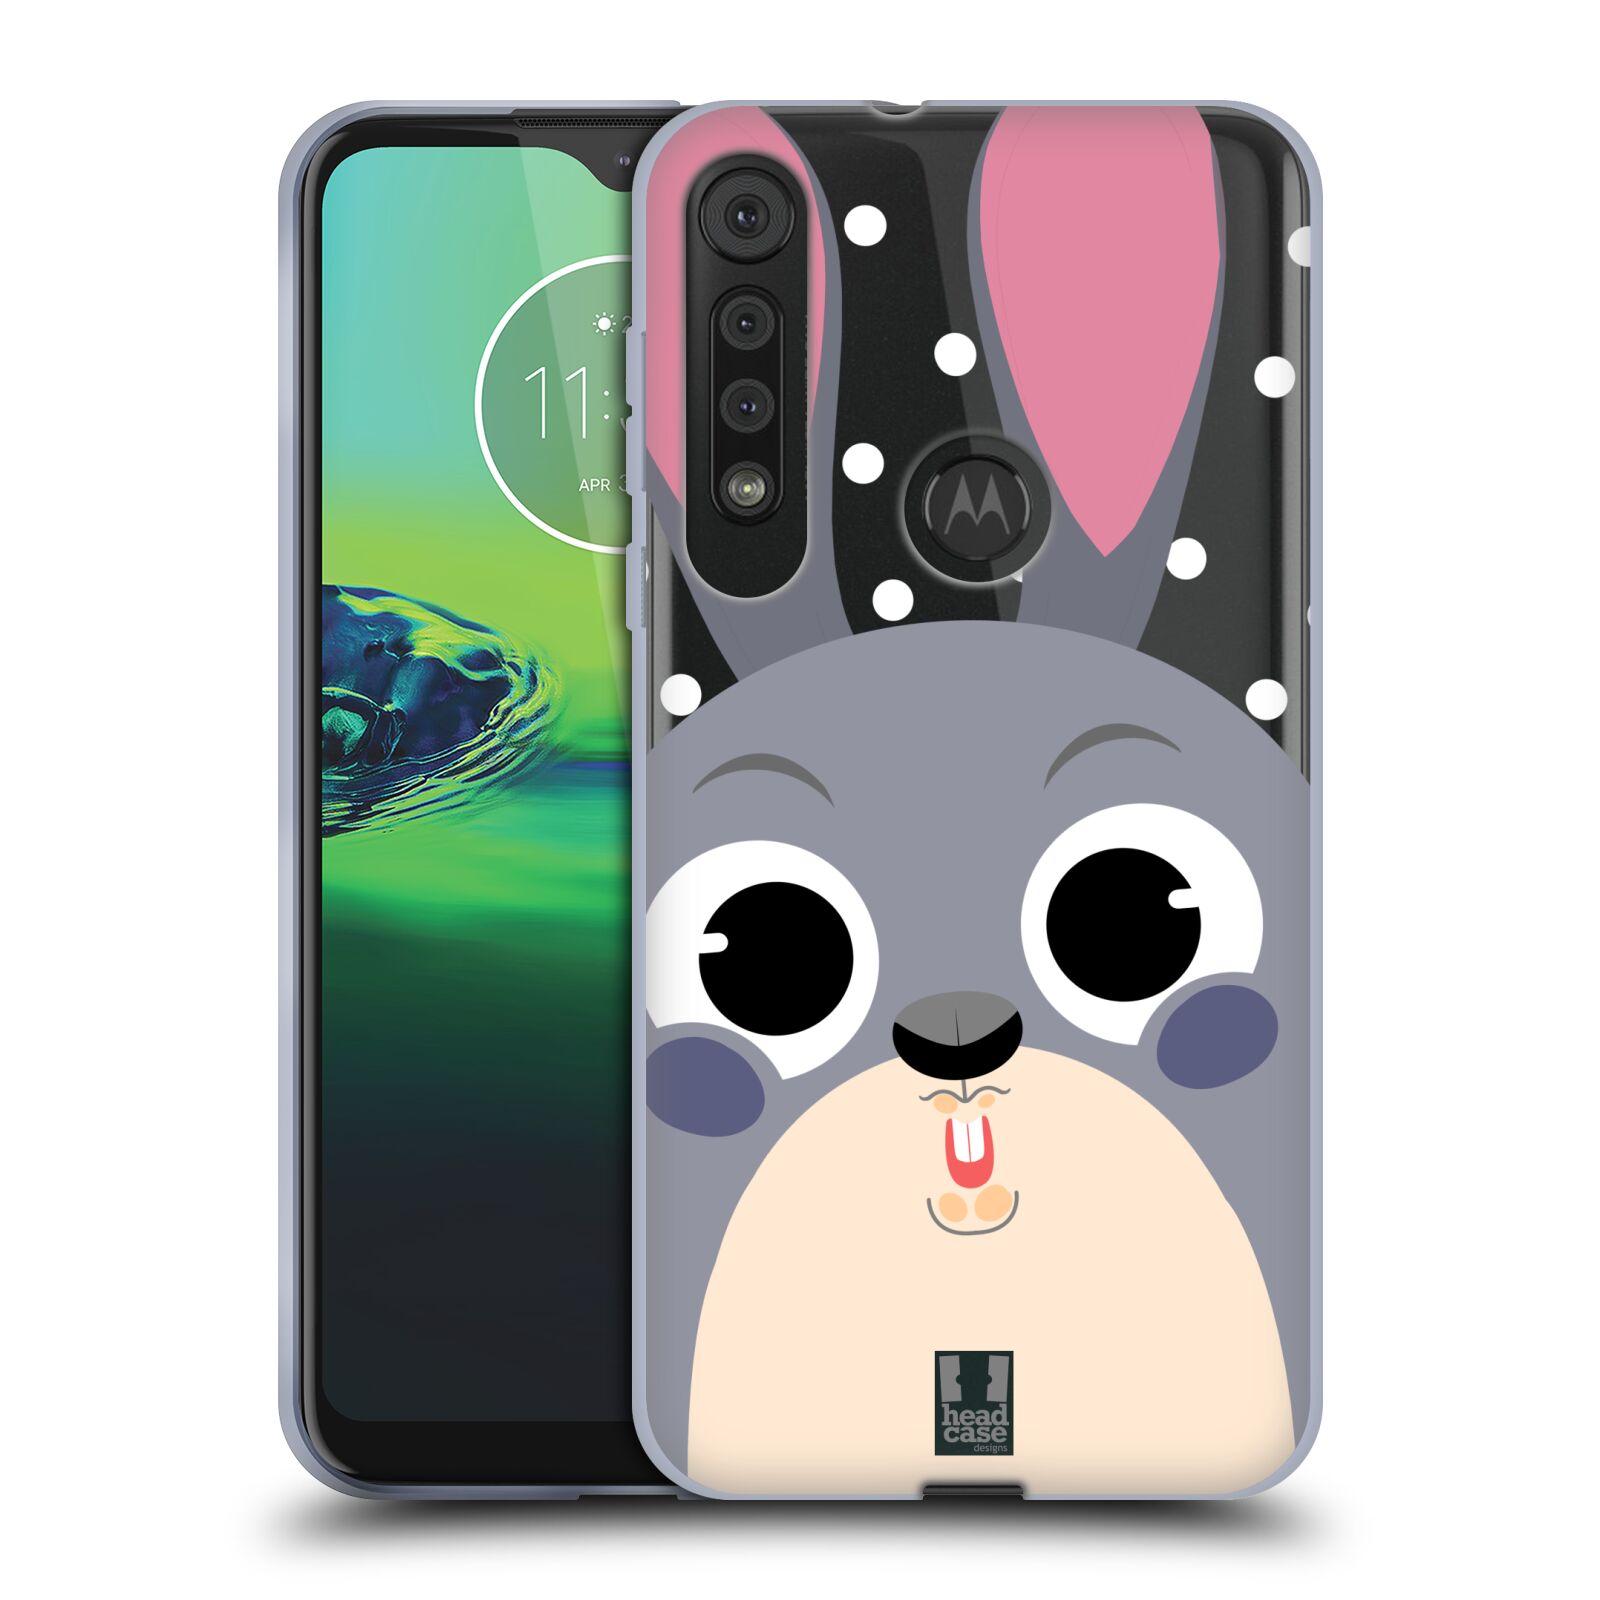 Silikonové pouzdro na mobil Motorola One Macro - Head Case - Králíček roztomilouš